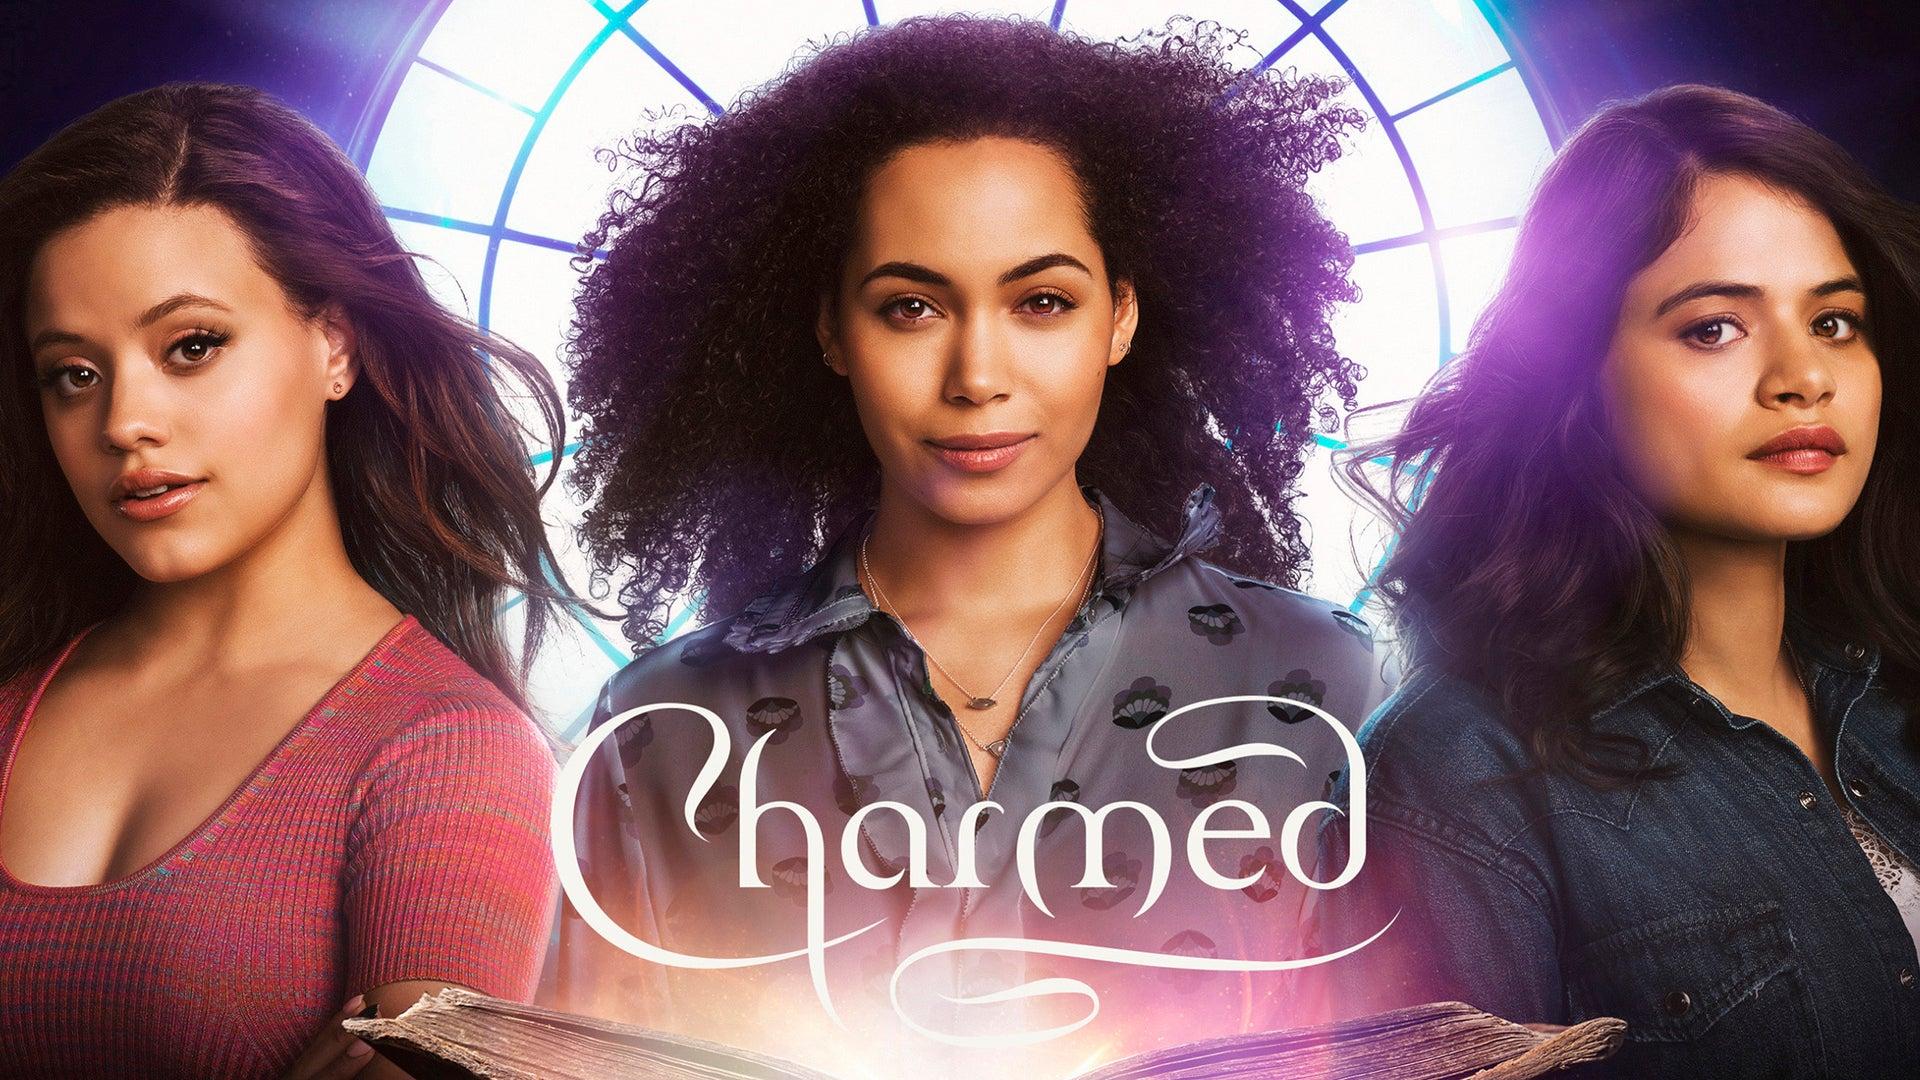 Sarah Jeffery, Madeleine Mantock and Melonie Diaz, Charmed